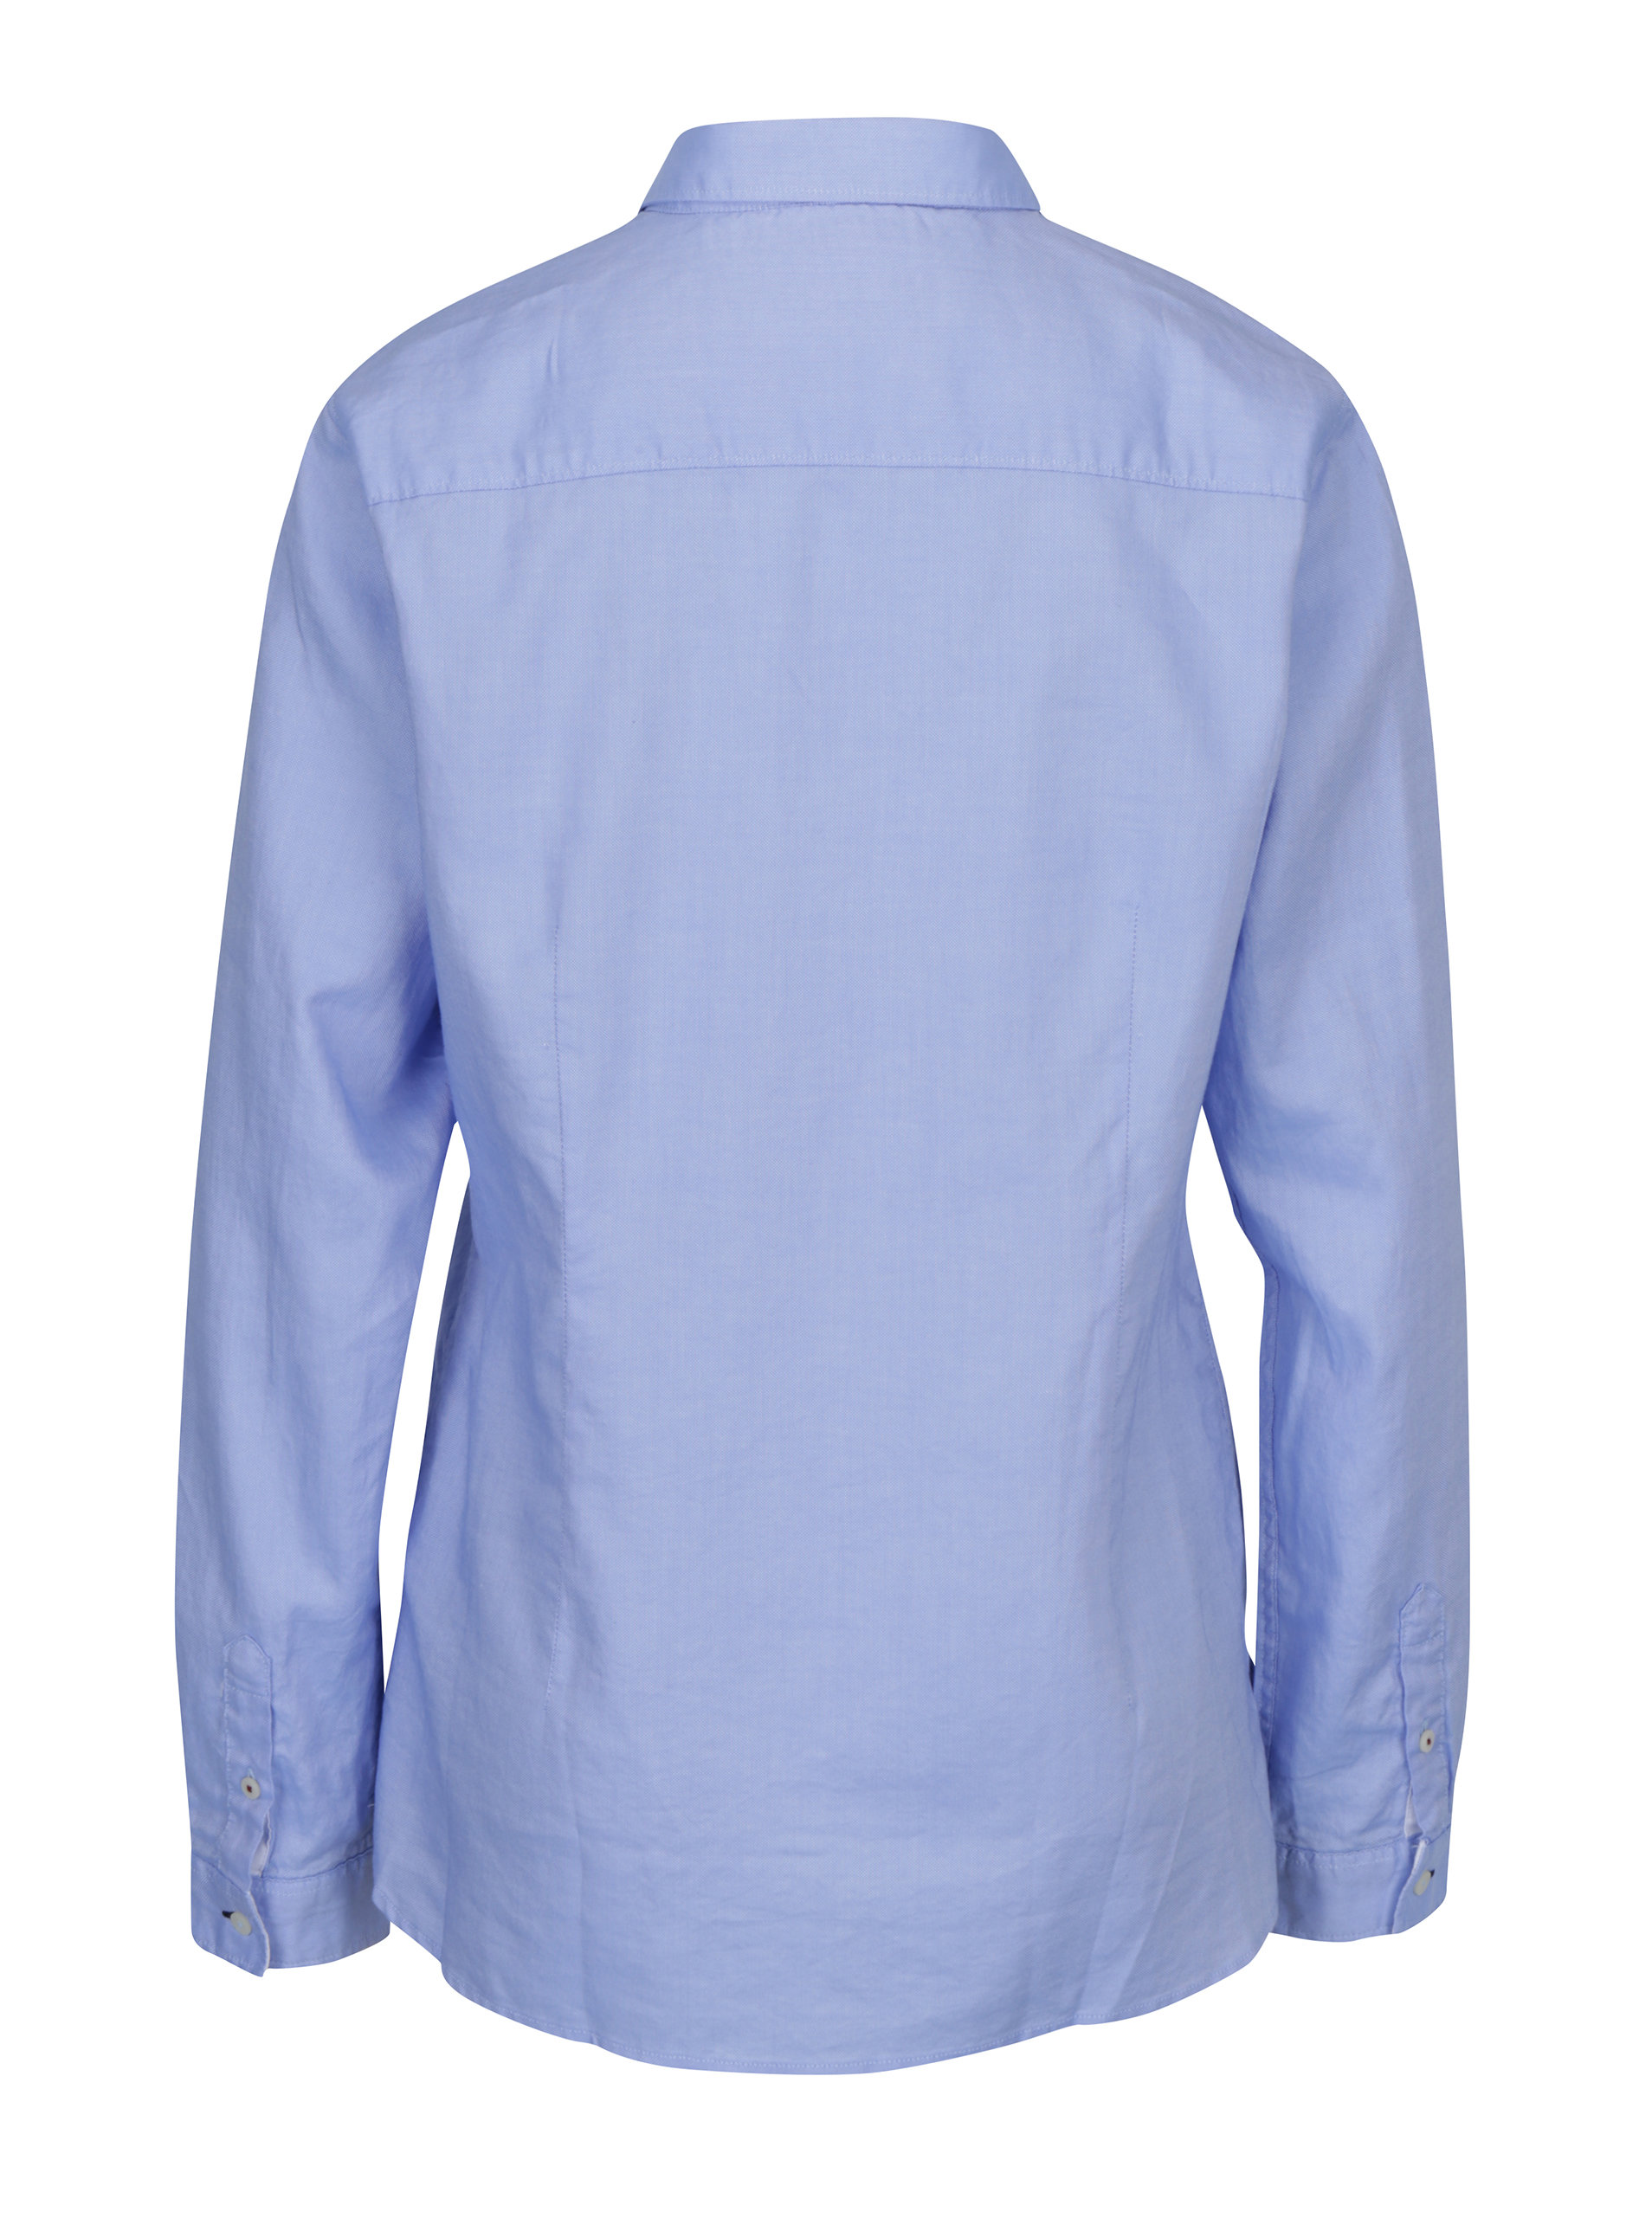 2f0b3b98e39 Modrá dámská fitted košile Tommy Hilfiger Jenna ...